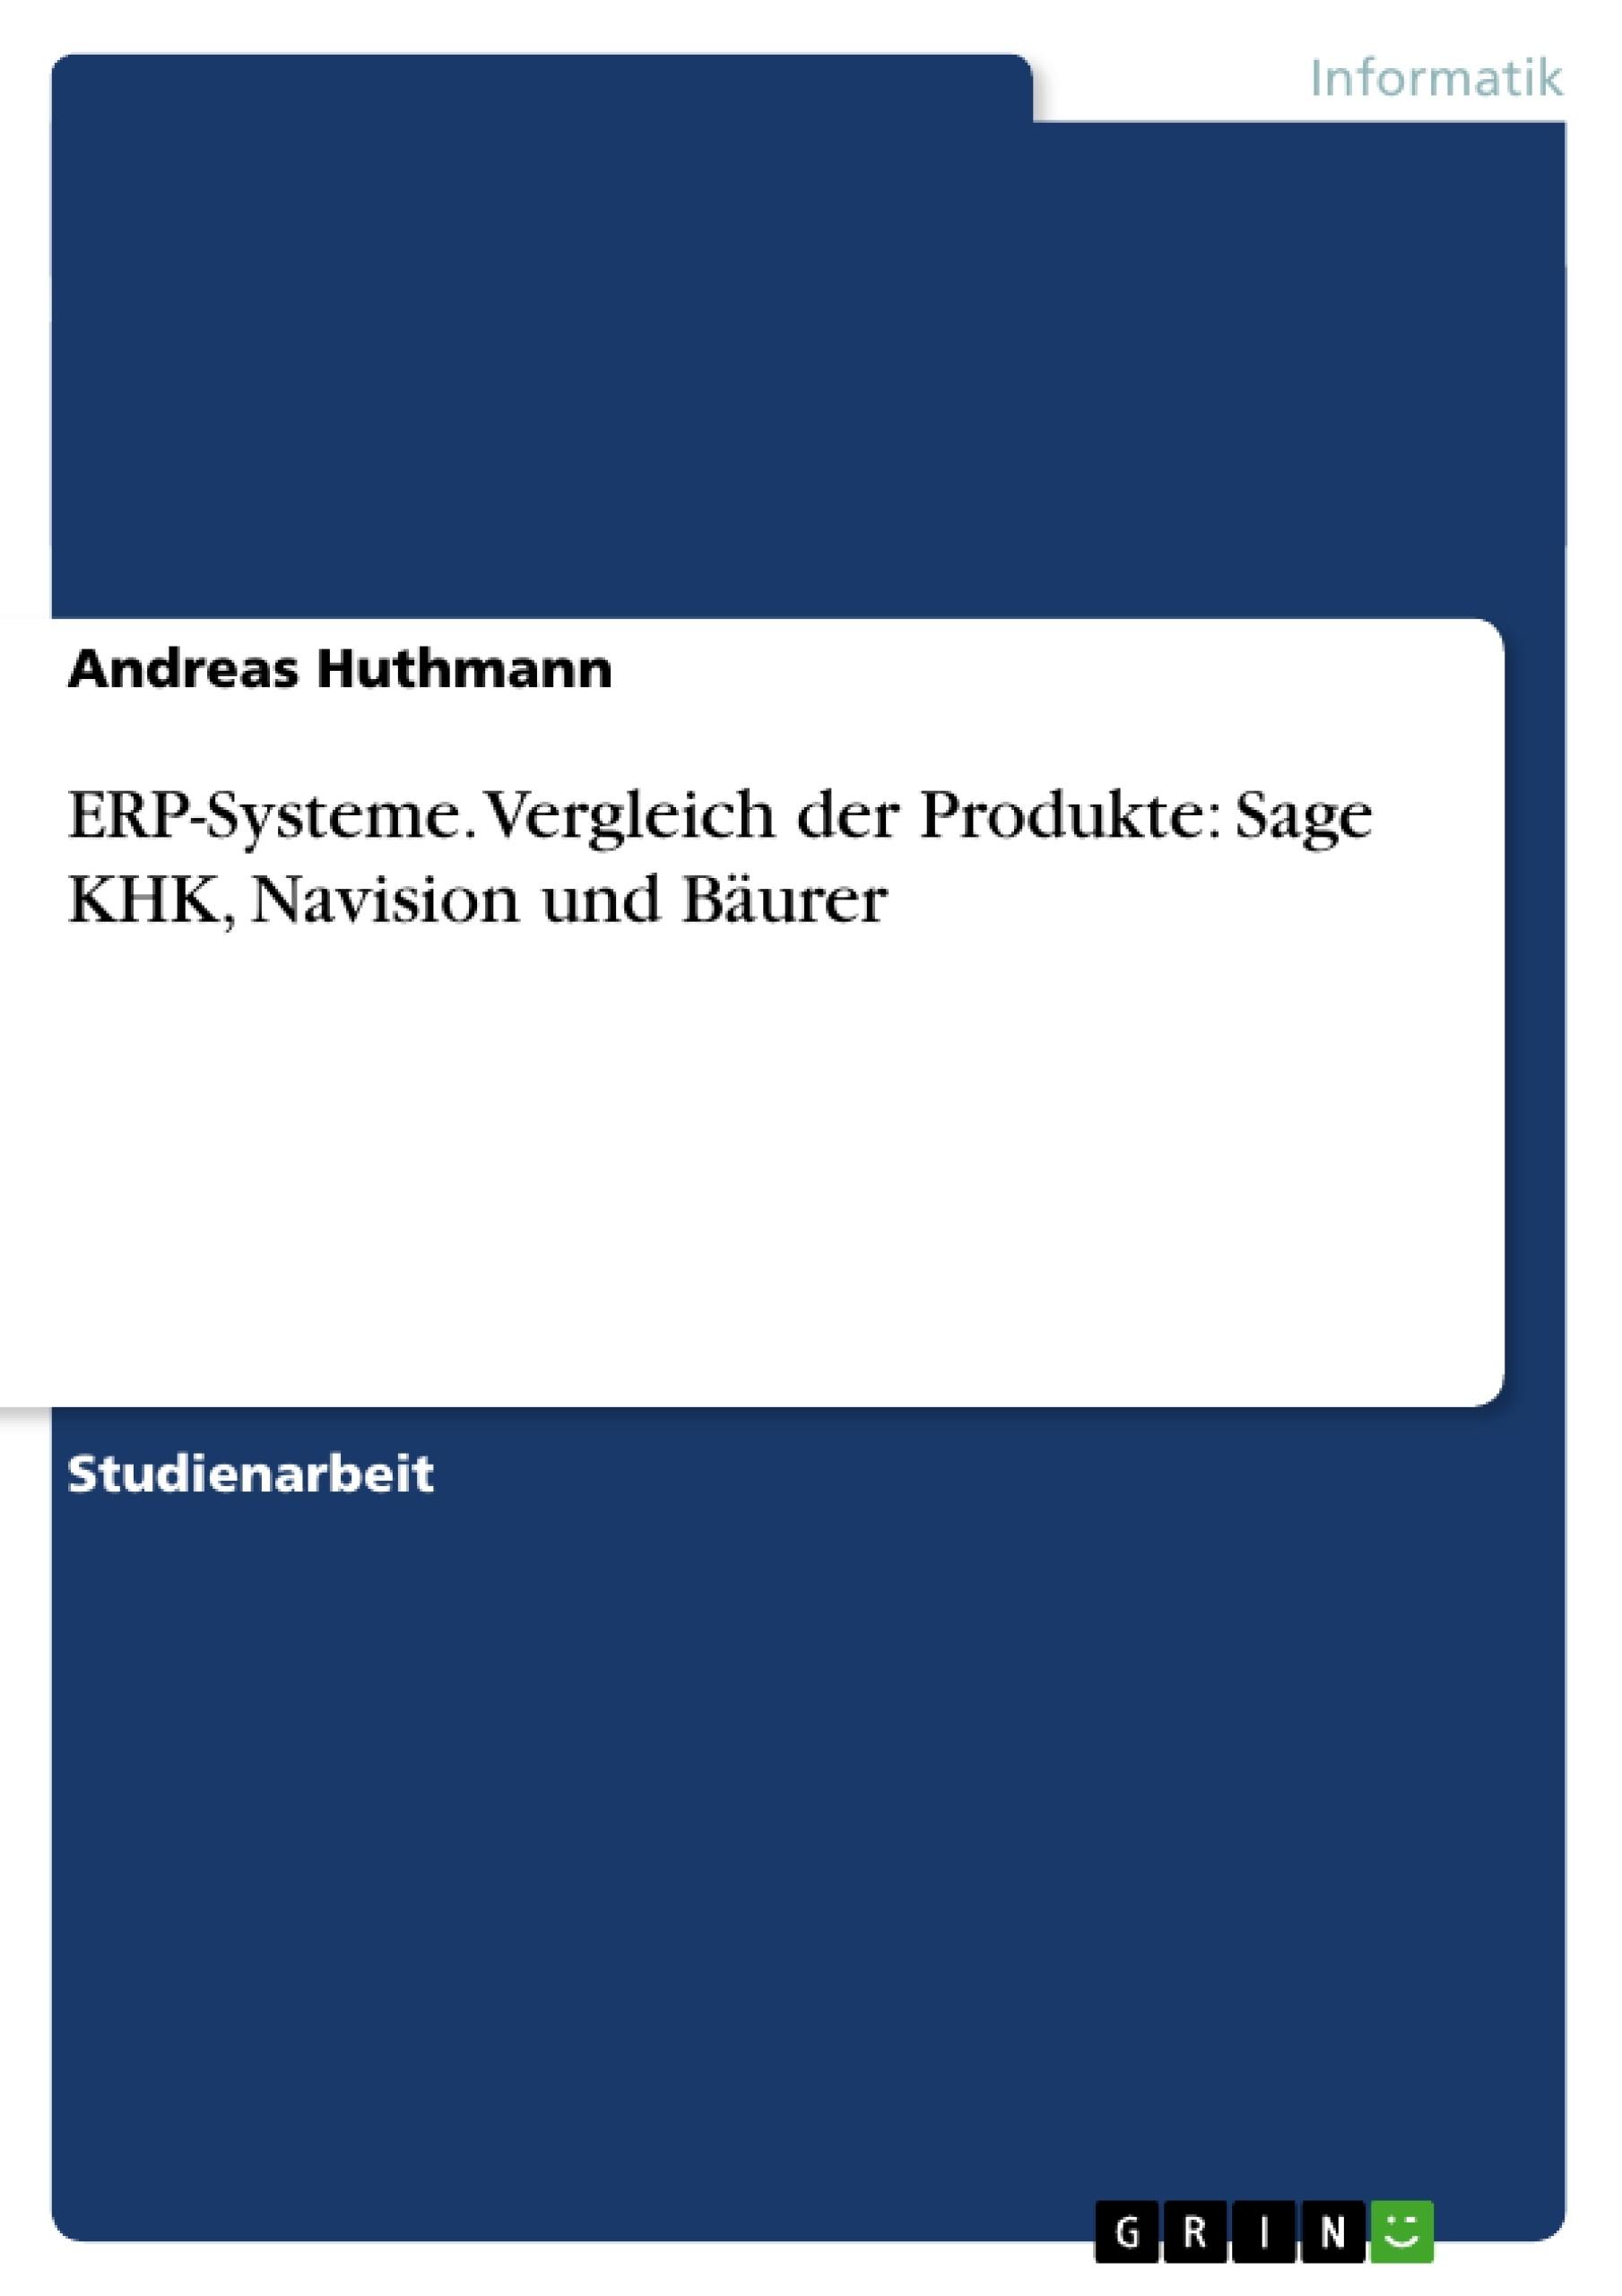 Titel: ERP-Systeme. Vergleich der Produkte: Sage KHK, Navision und Bäurer